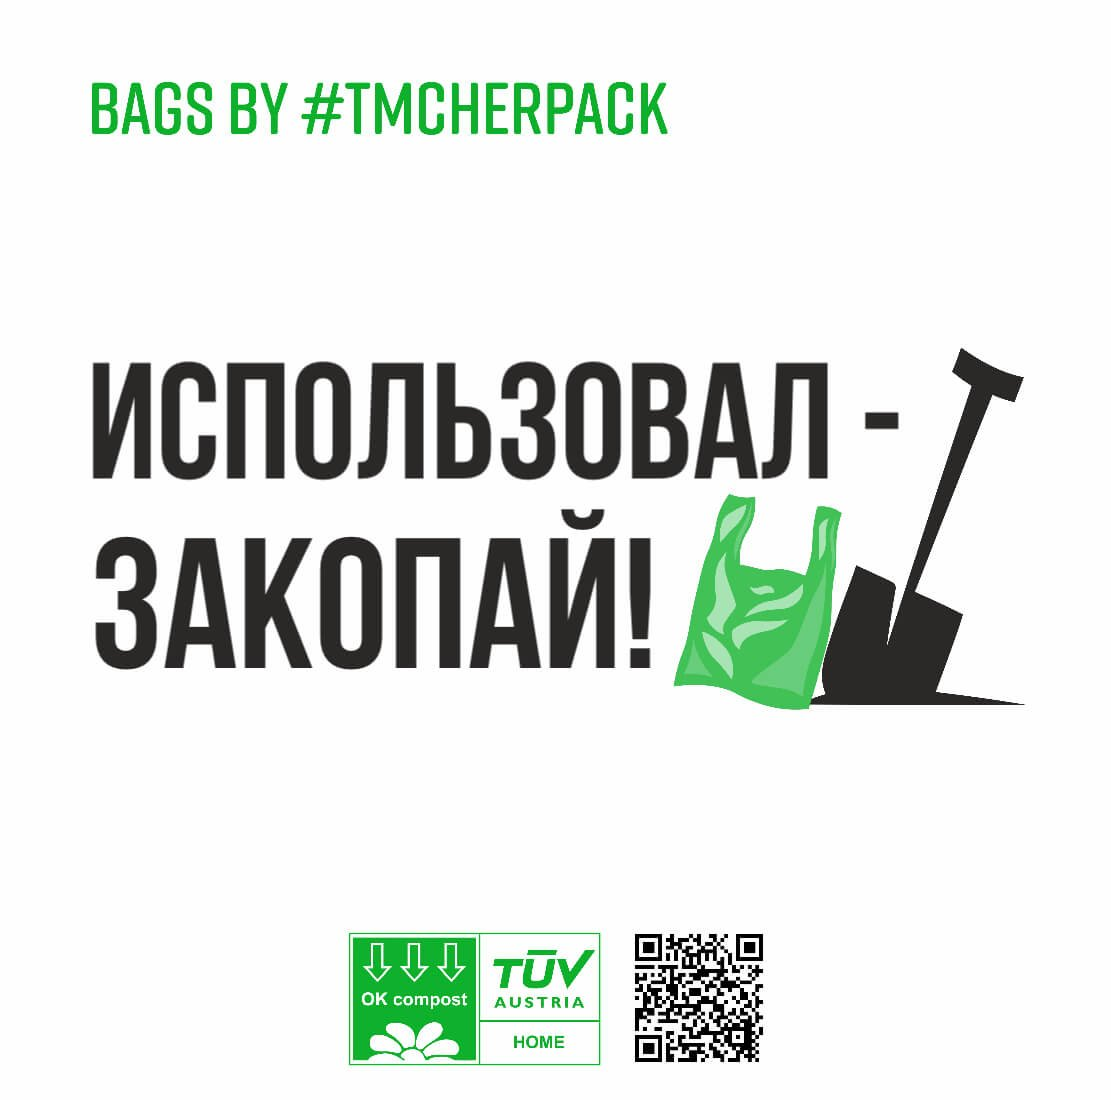 Обязательное правильно использования пакетов из крахмала! Chernigov Package - Фото 1621877210156893